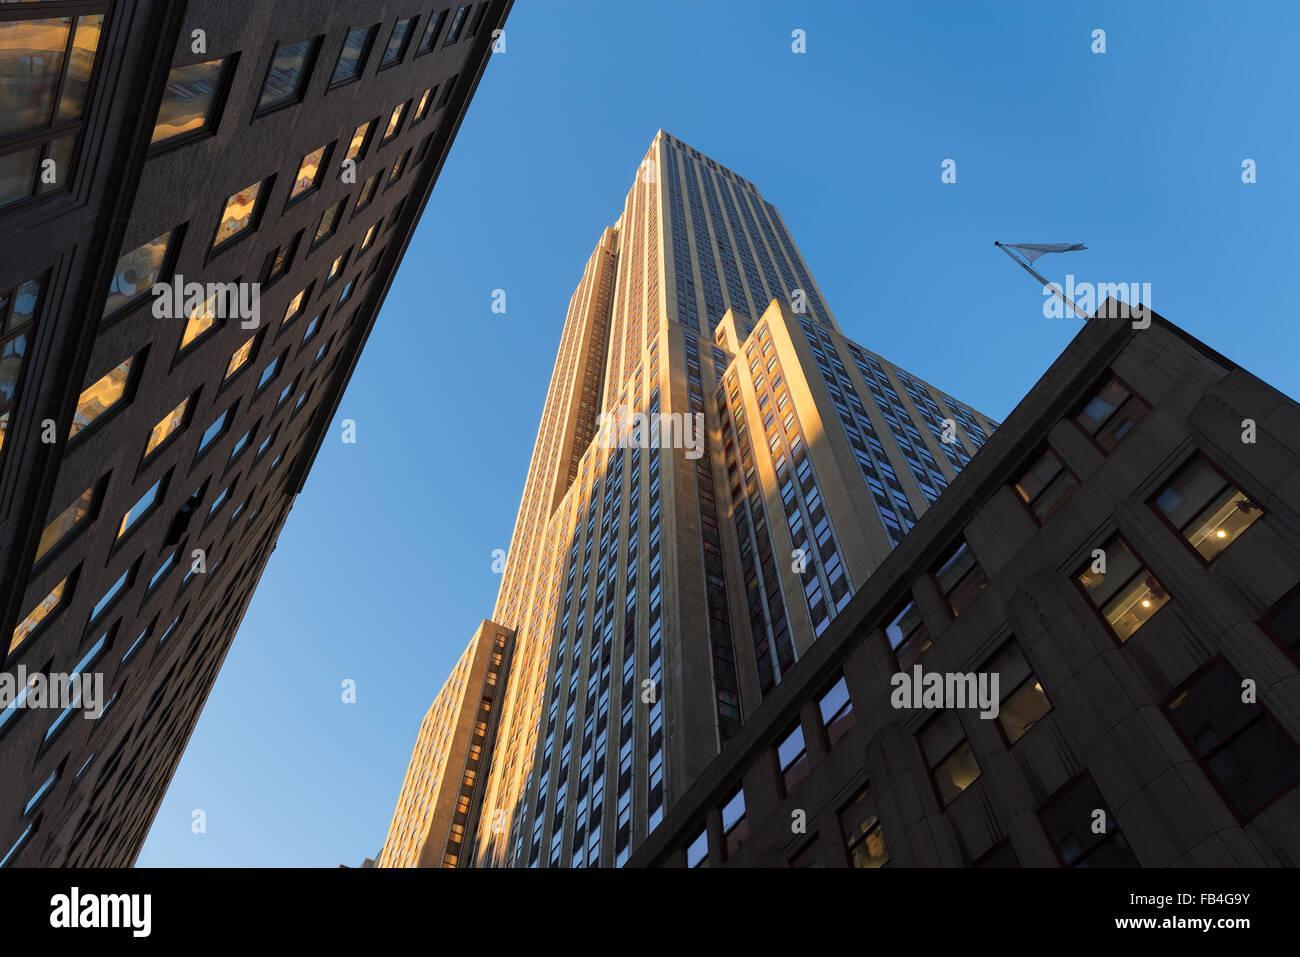 Edificio Empire State al atardecer desde abajo. Un ángulo bajo la vista de los rascacielos de estilo Art Deco Imagen De Stock